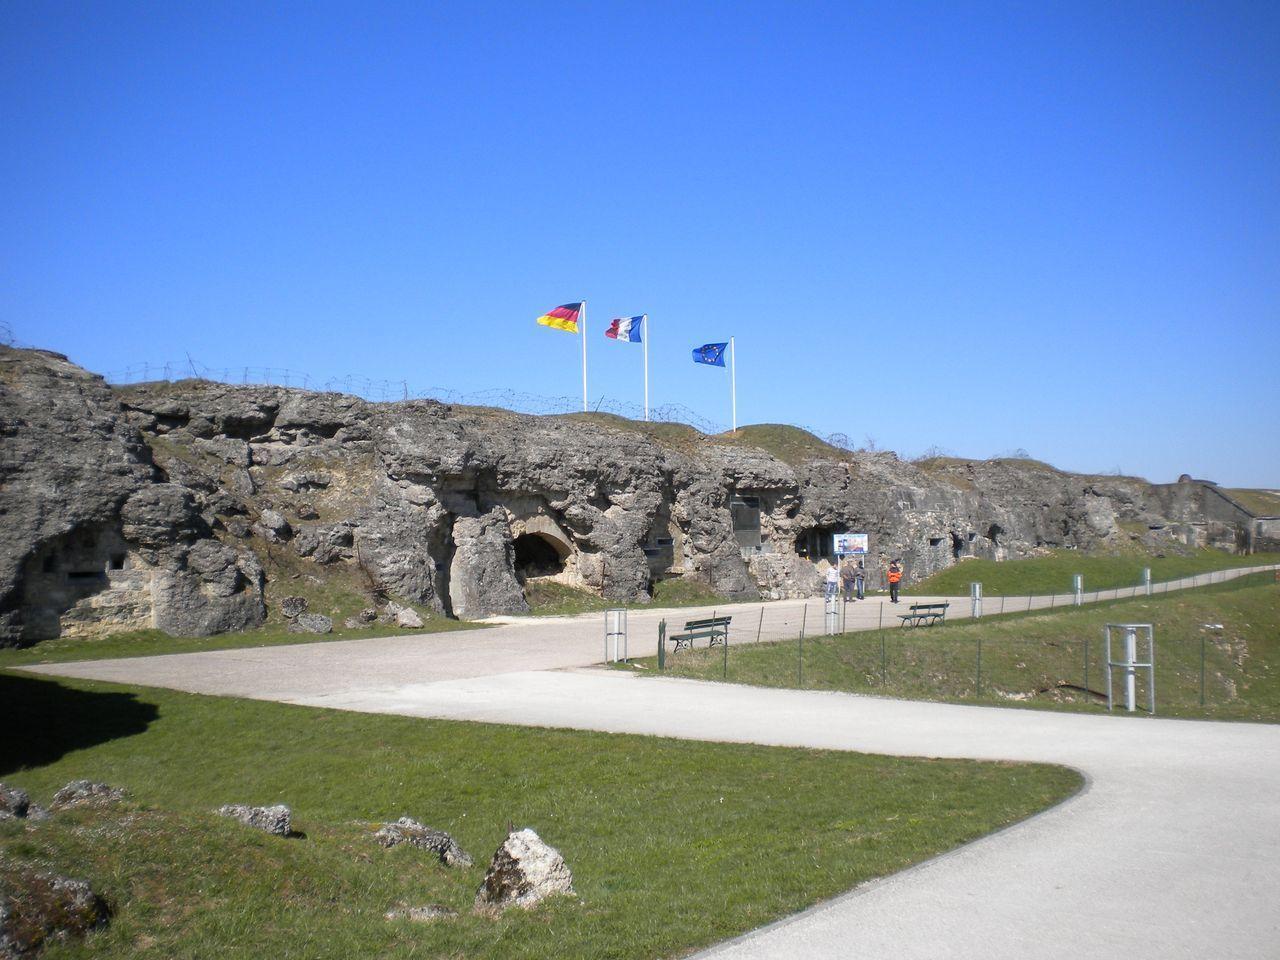 Fort de douaumont lorraine tourisme - Verdun office du tourisme ...